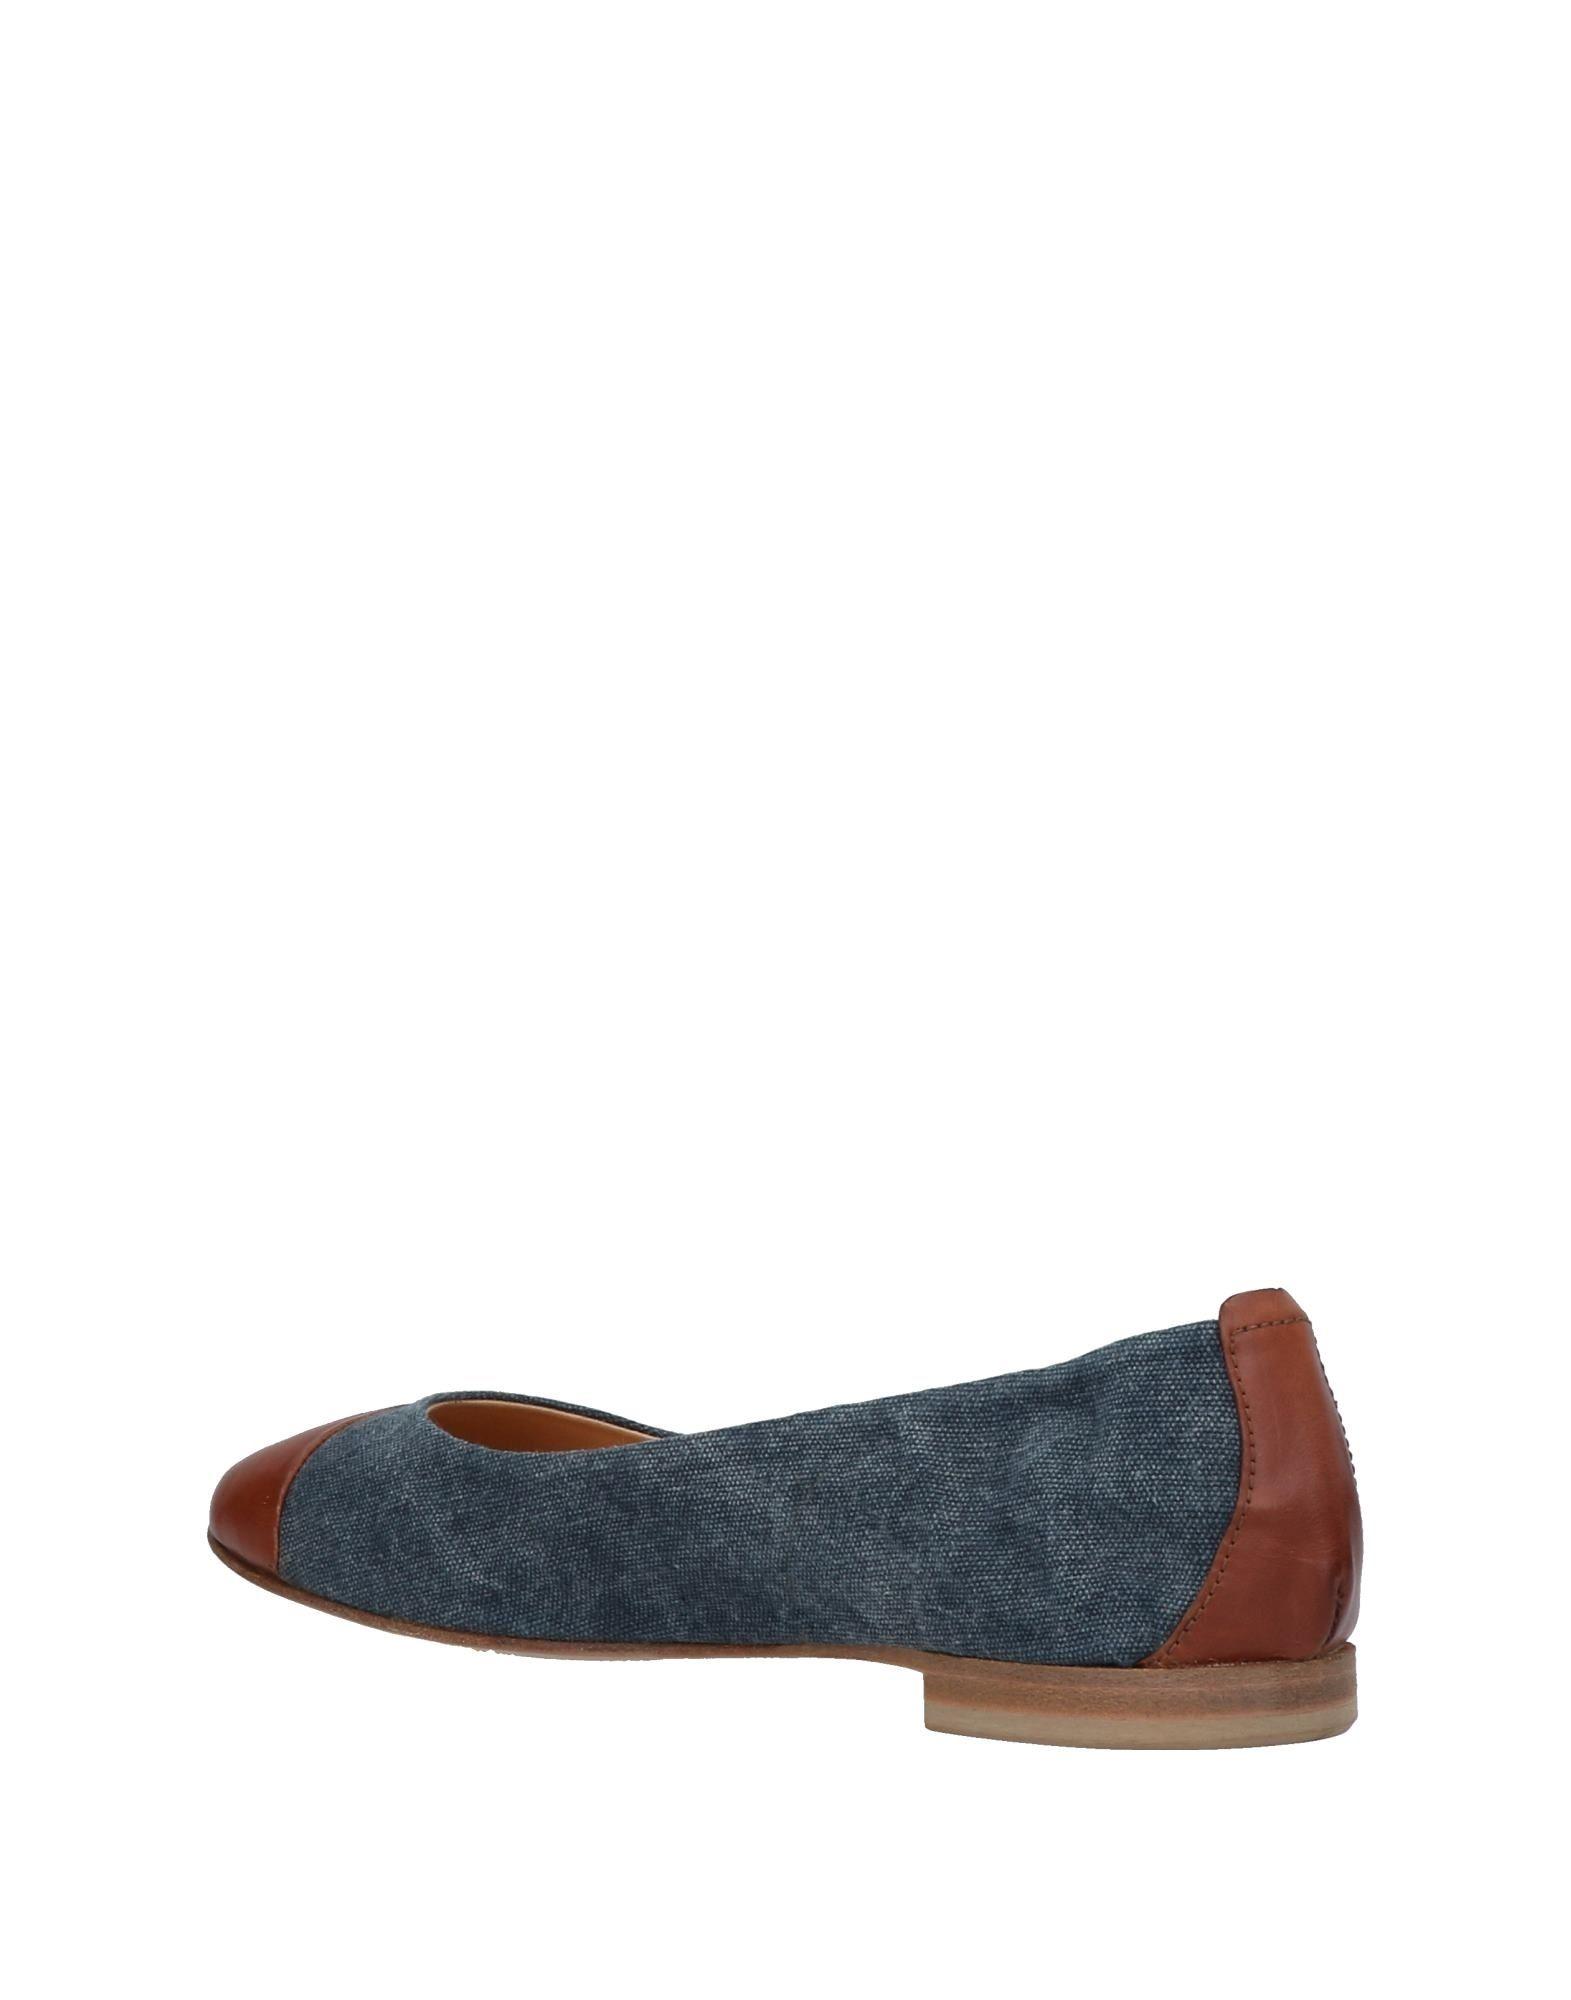 Haltbare Mode billige Schuhe Henderson Ballerinas Damen  11452378MG Heiße Schuhe